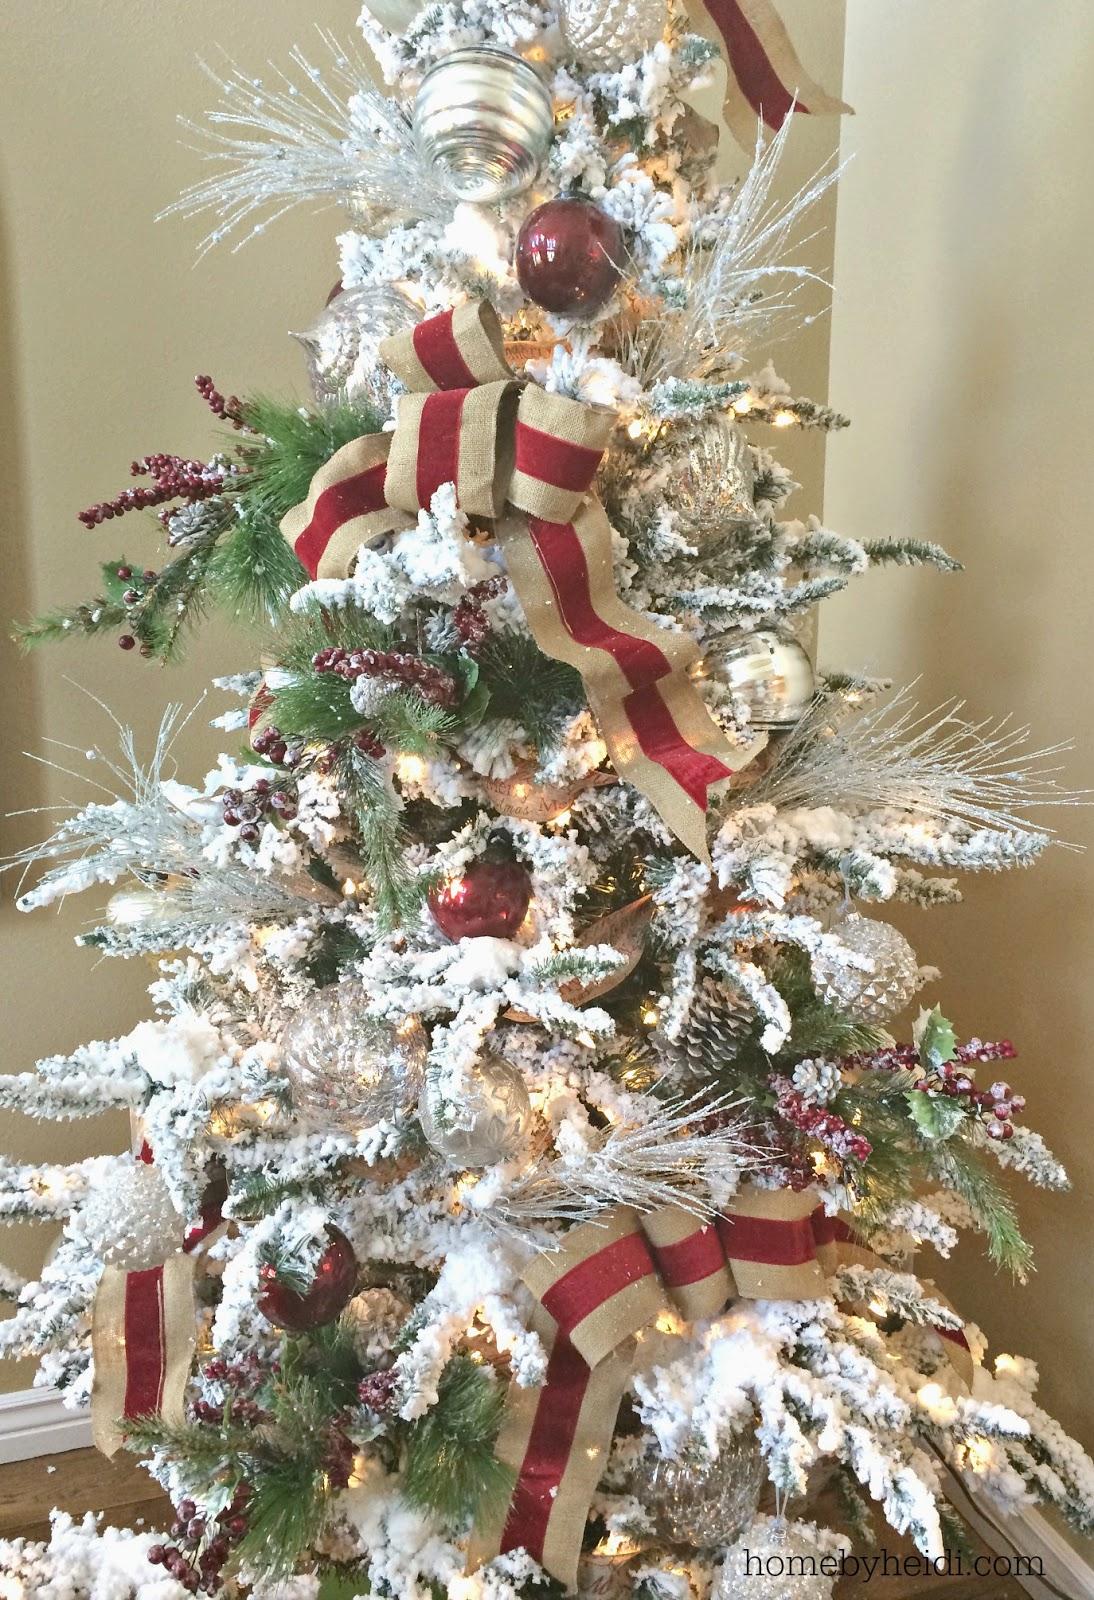 Home By Heidi Christmas Tree Ribbon